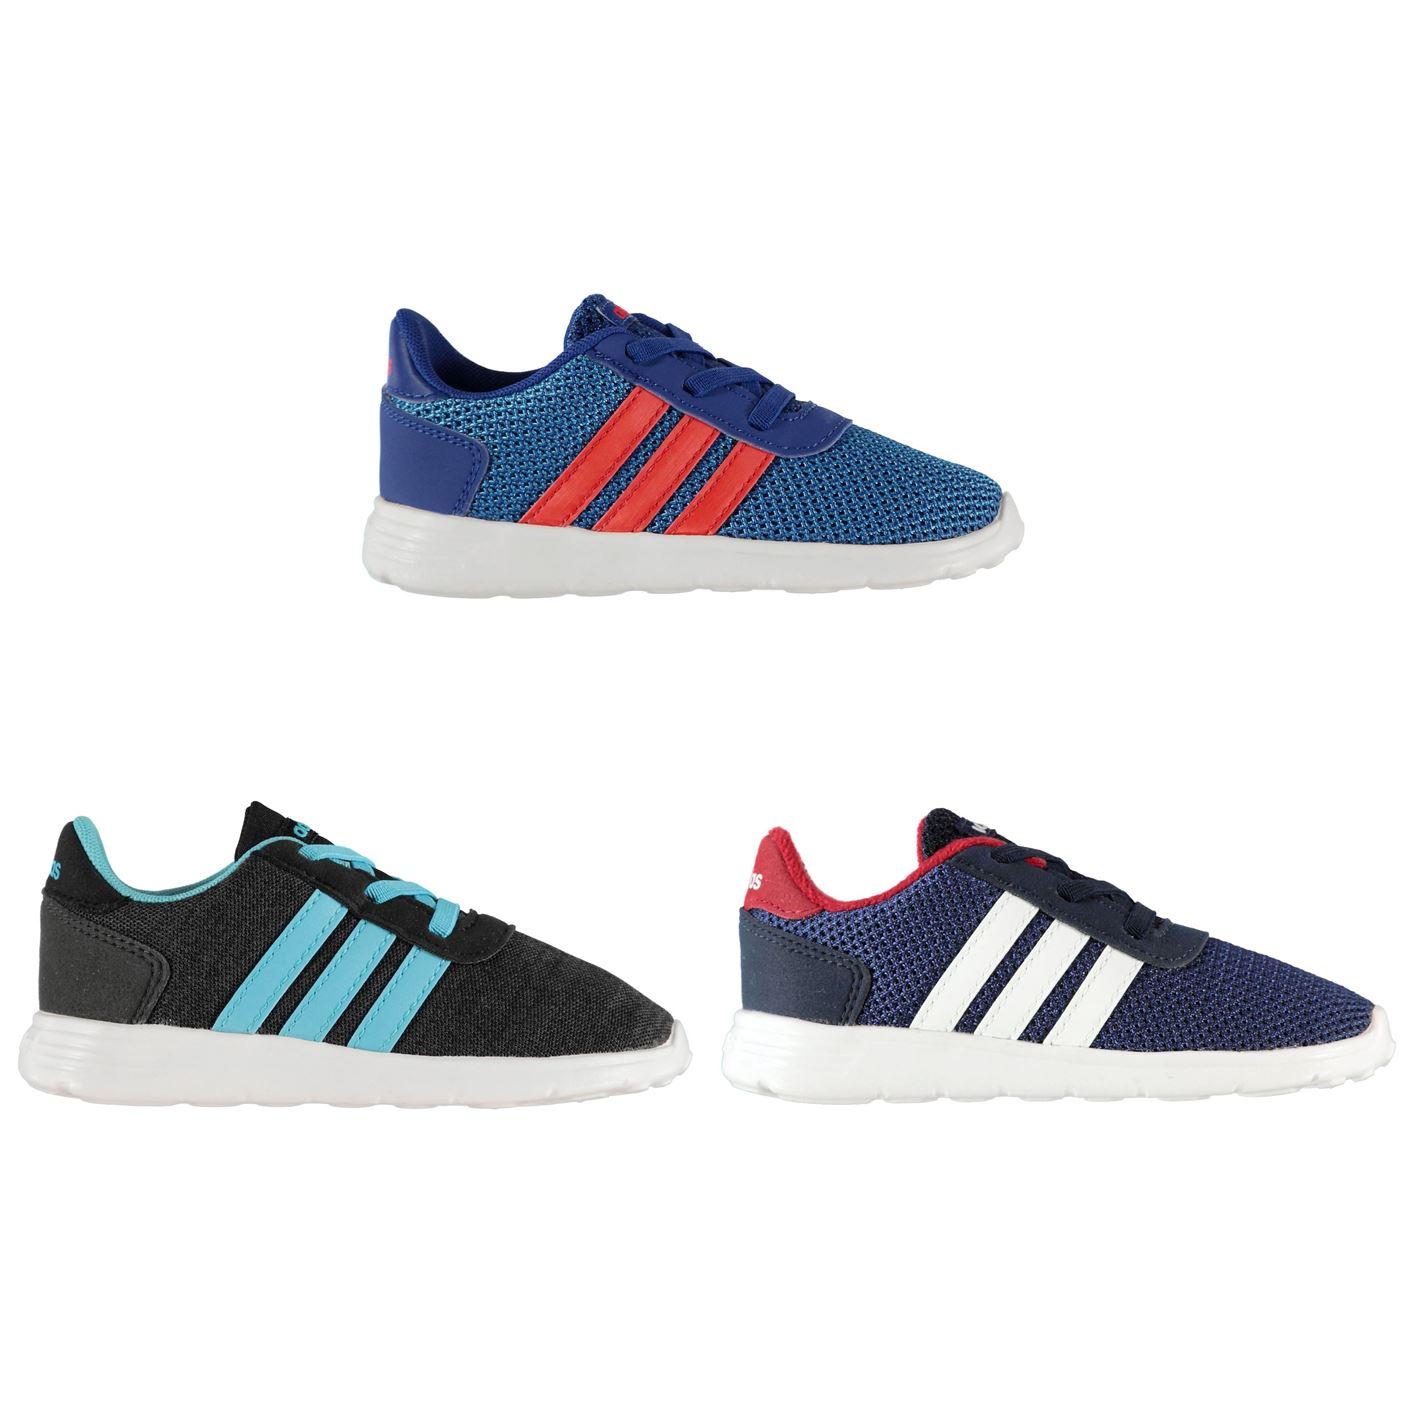 pretty nice 139b0 54a33 ... Adidas Lite Racer formatori neonato bambino scarpe scarpe ...